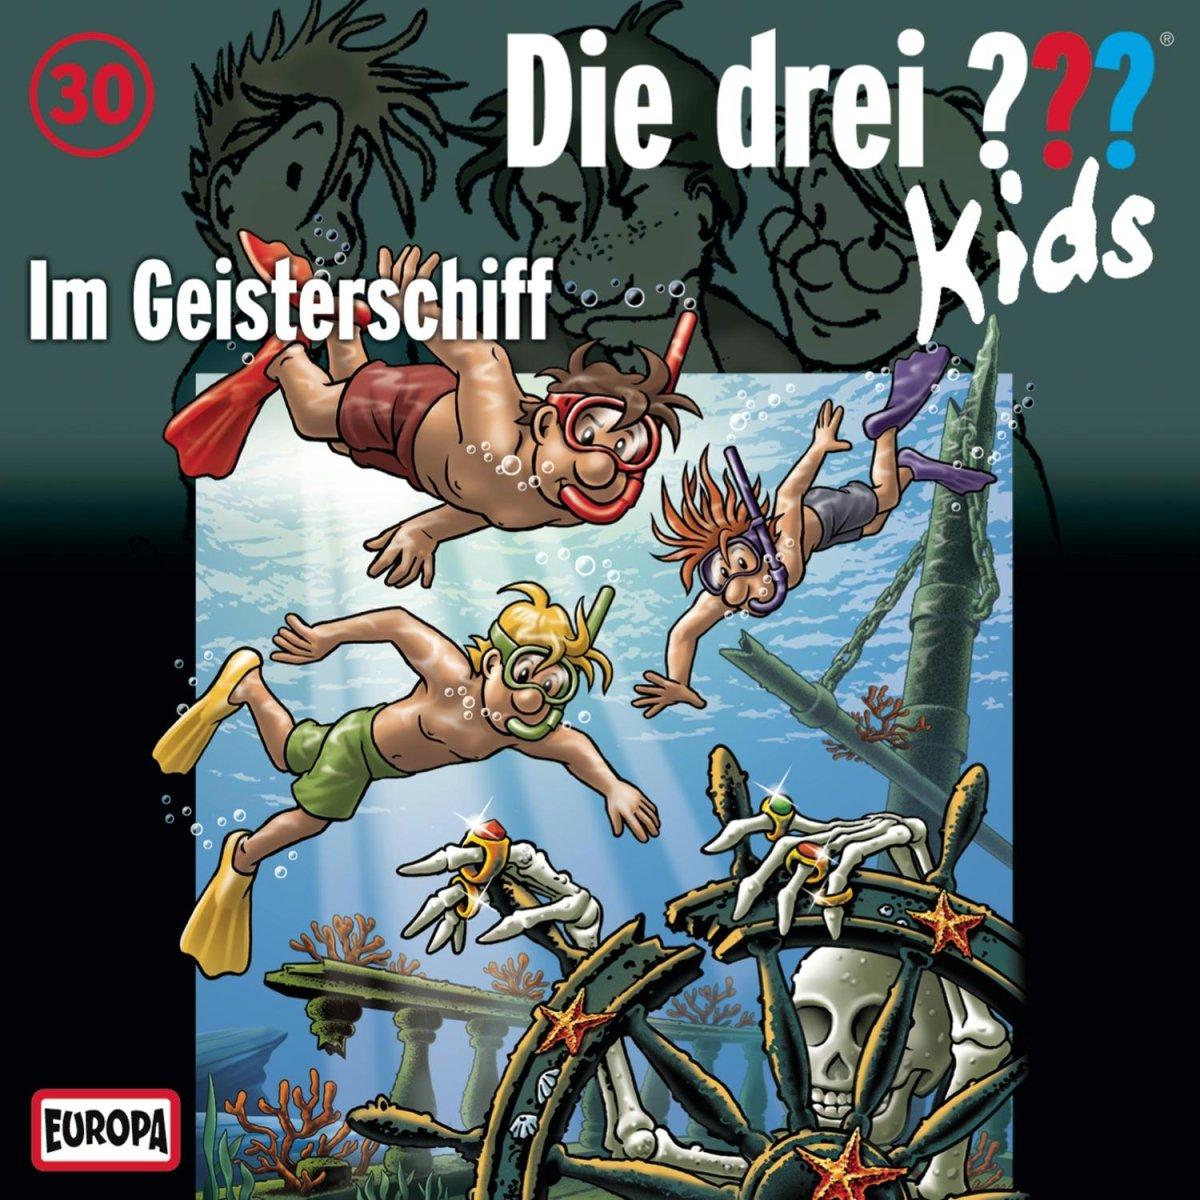 Die drei ??? Kids (30) im Geisterschiff (Europa)